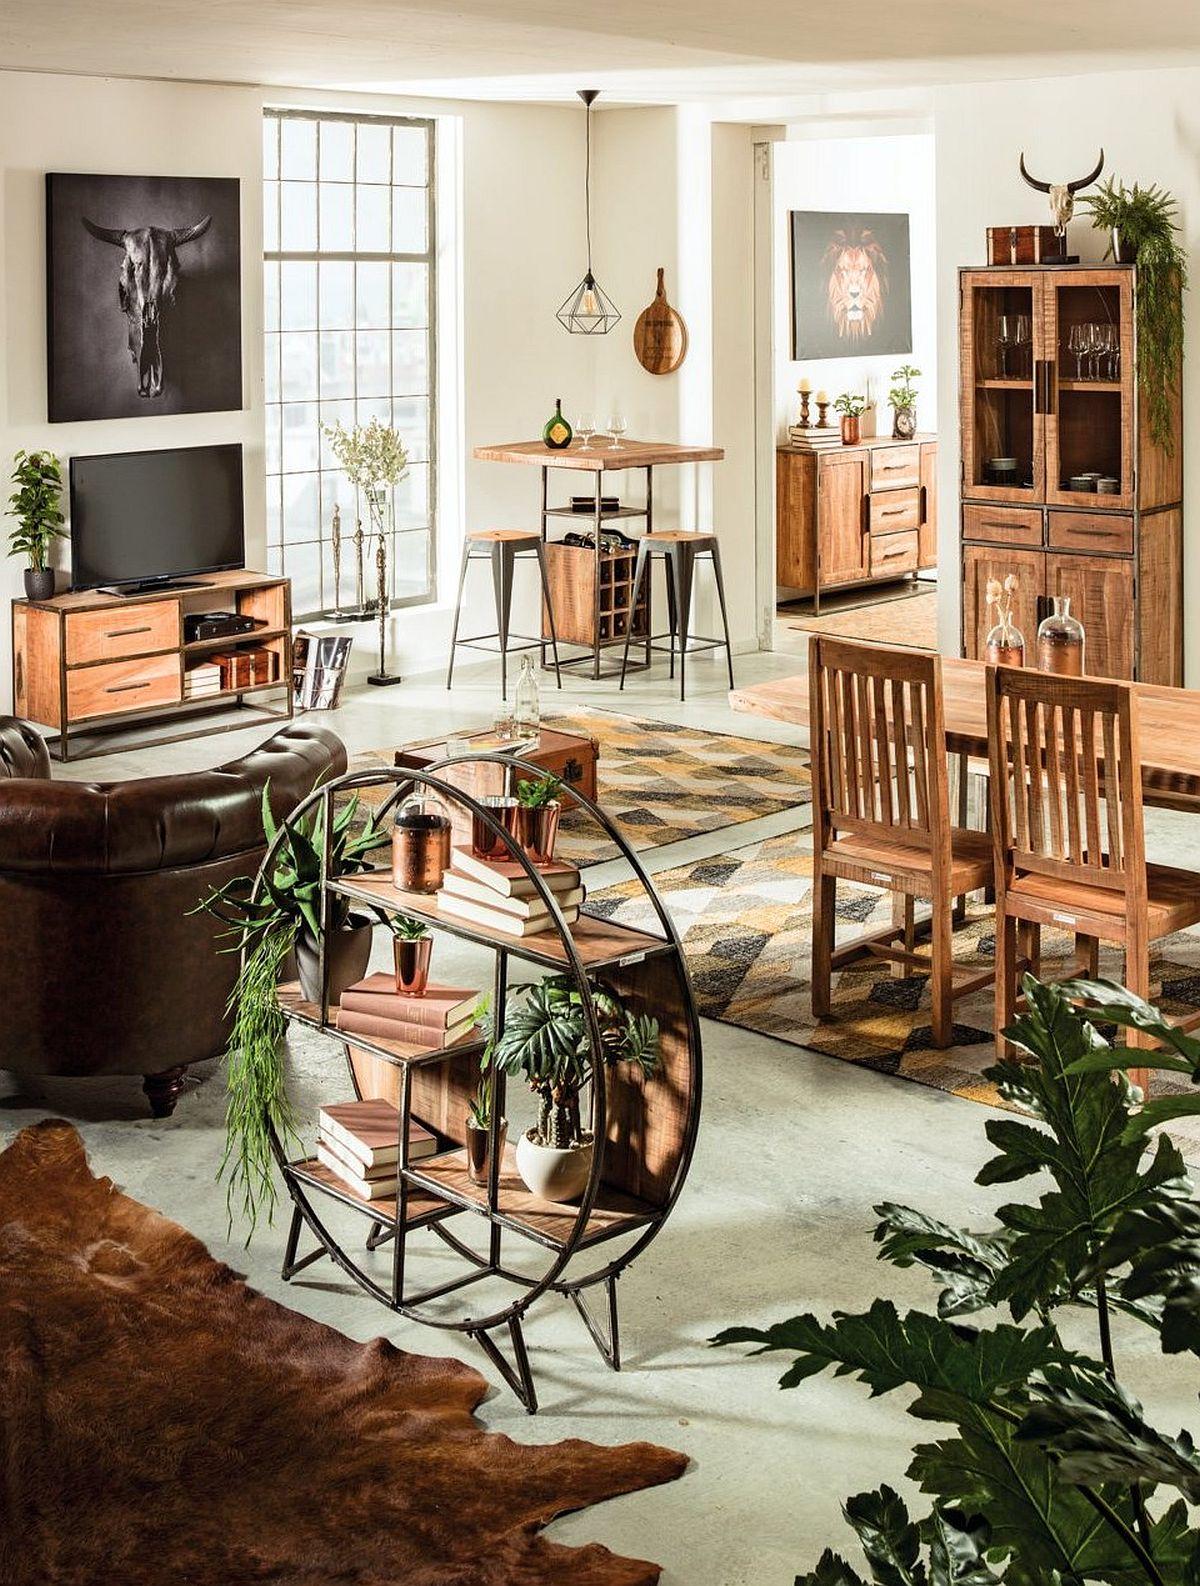 Gama de mobilier Spring. Vezi tipuri de piese, materiale, dimensiuni și preț AICI.